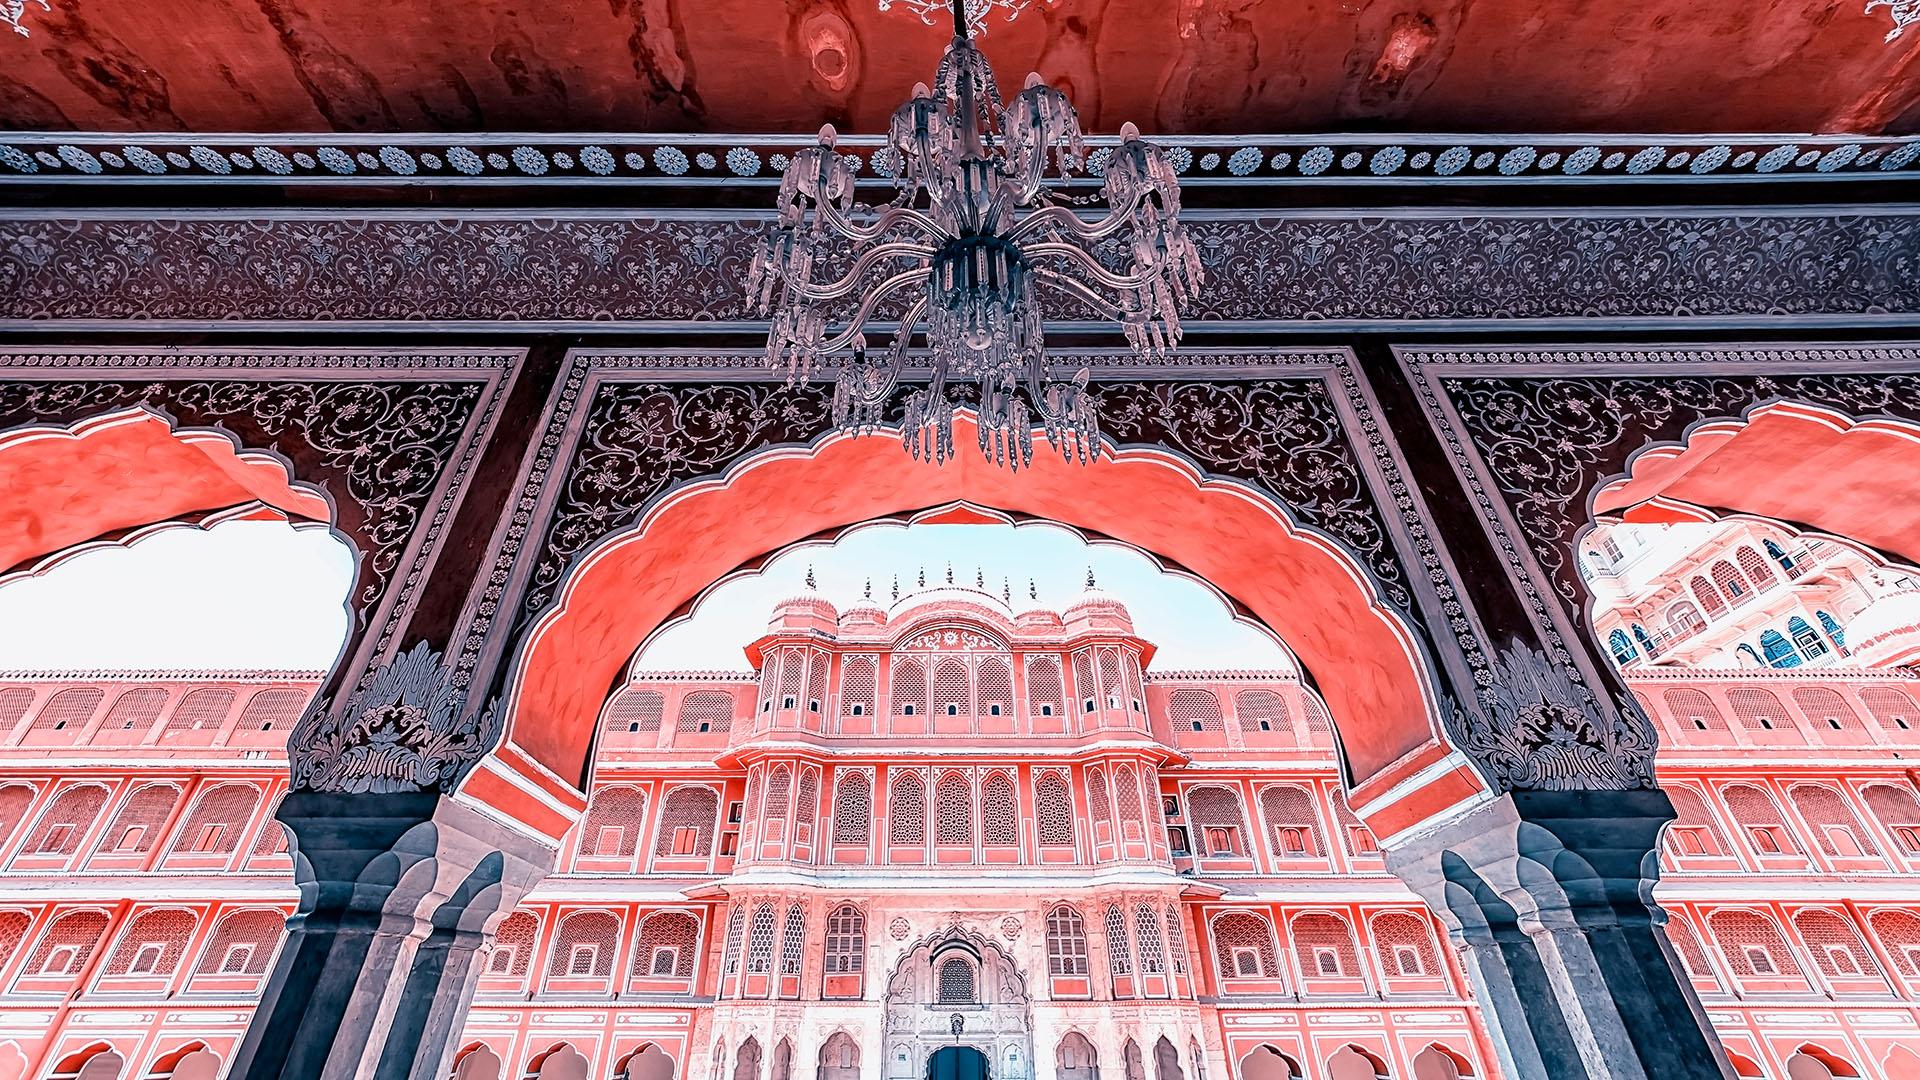 El palacio fue construido entre 1729 y 1732, inicialmente por Sawai Jai Singh II, el gobernador de Amber. Sawai planificó y construyó los muros externos, y otros gobernadores que le sucedieron fueron incorporando edificaciones inclusive hasta el siglo XX